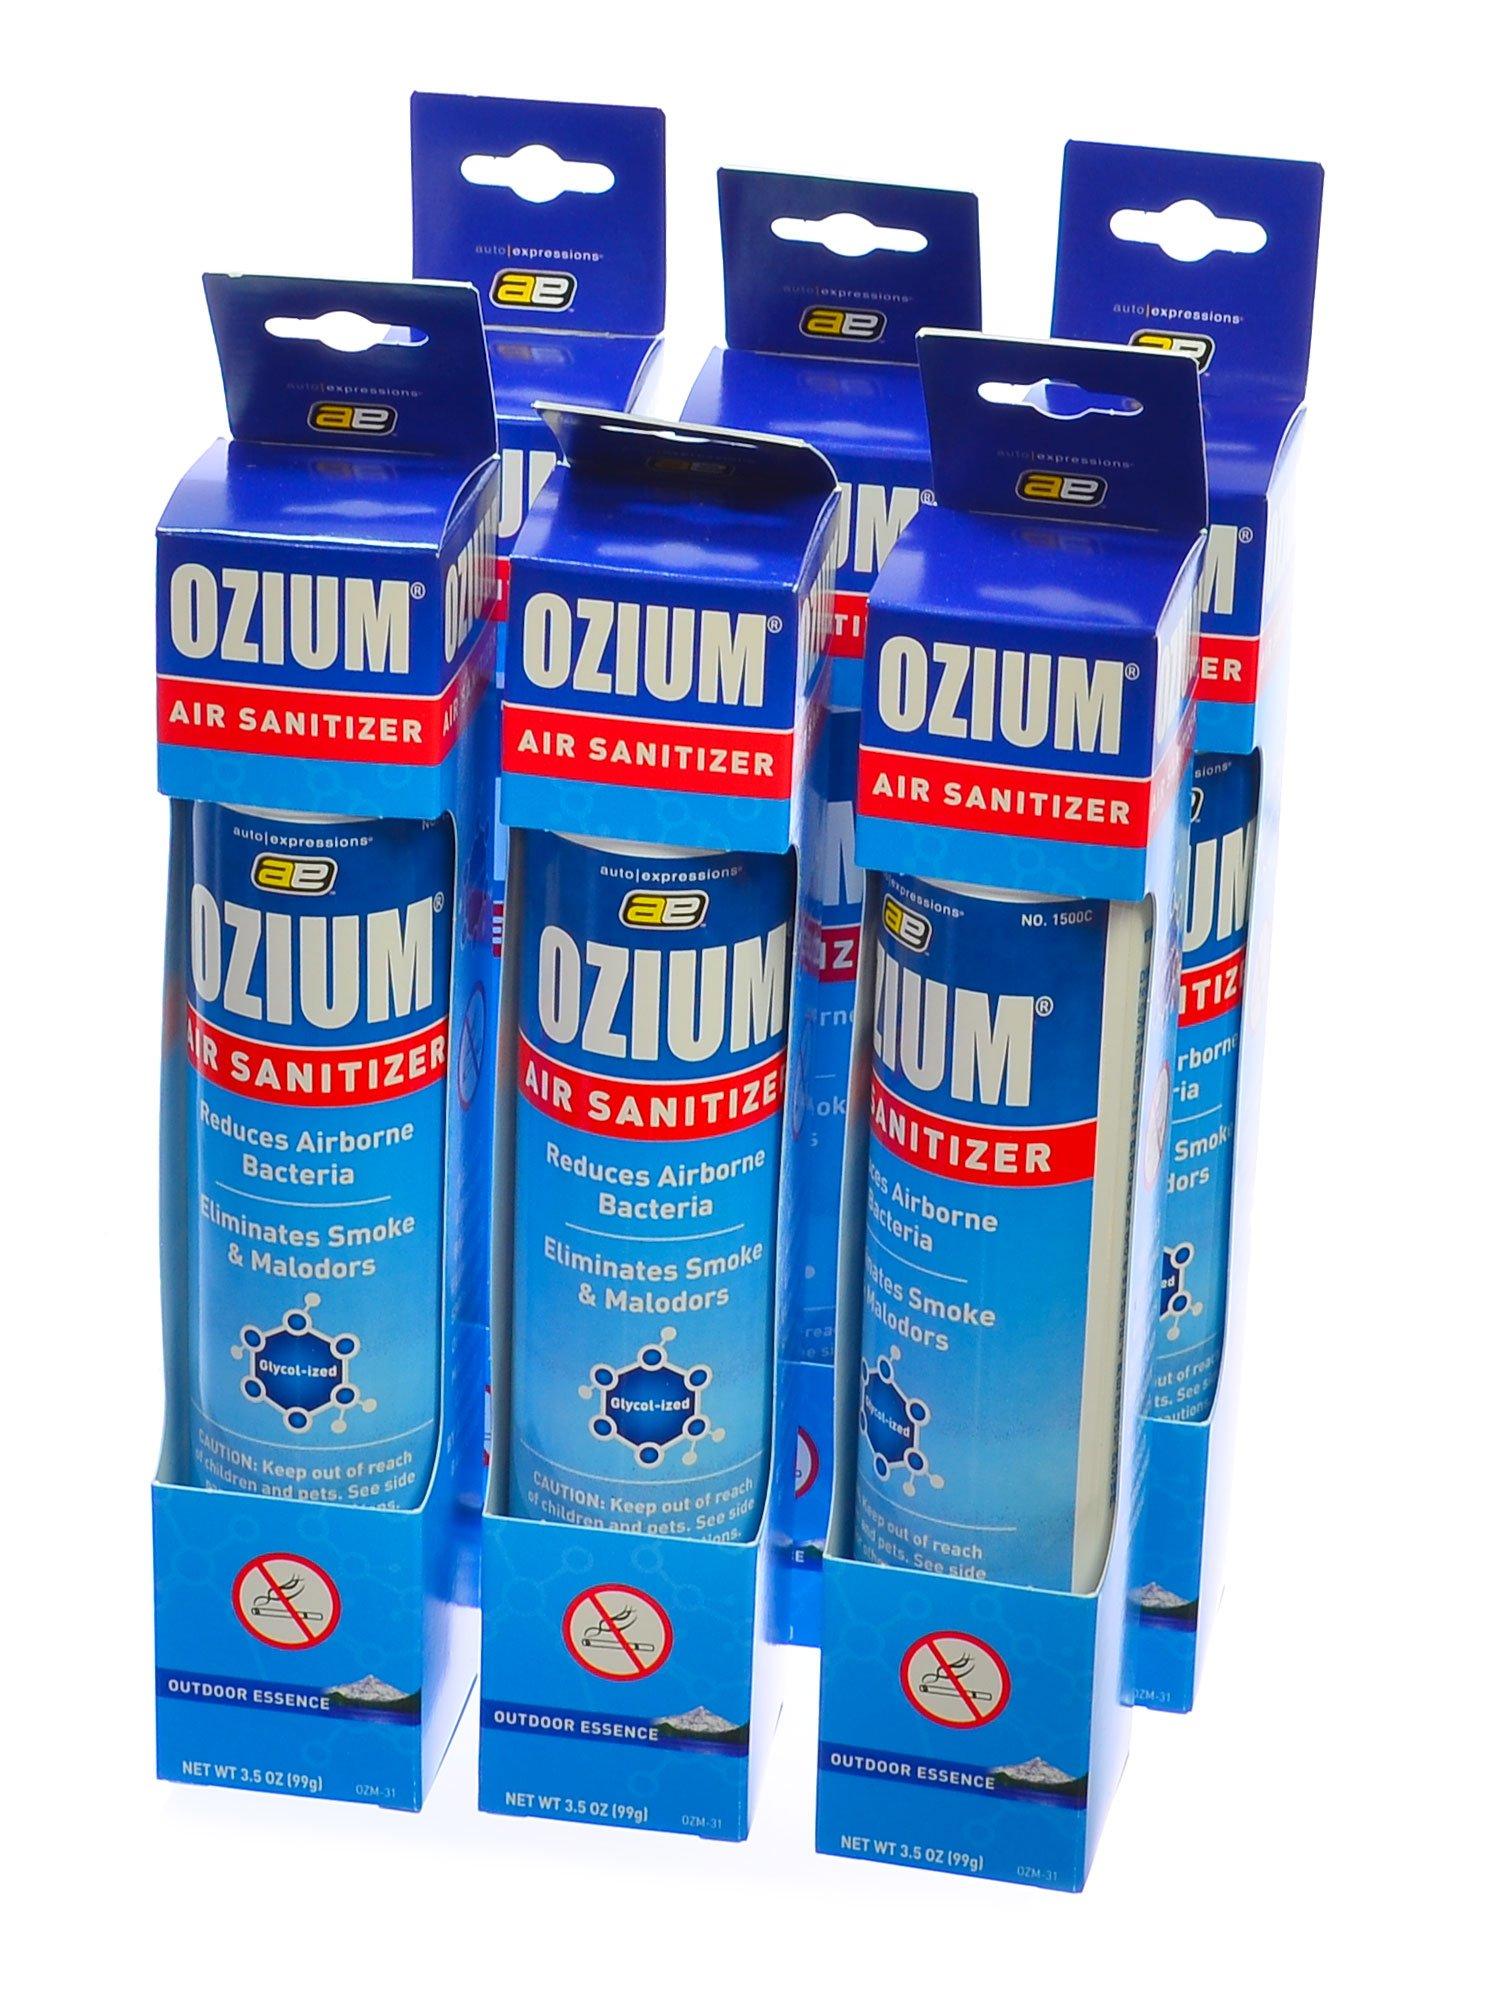 Ozium Smoke & Odor Eliminator Car & Home Air Sanitizer / Freshener, 3.5oz Spray Outdoor Essence (Pack of 6)